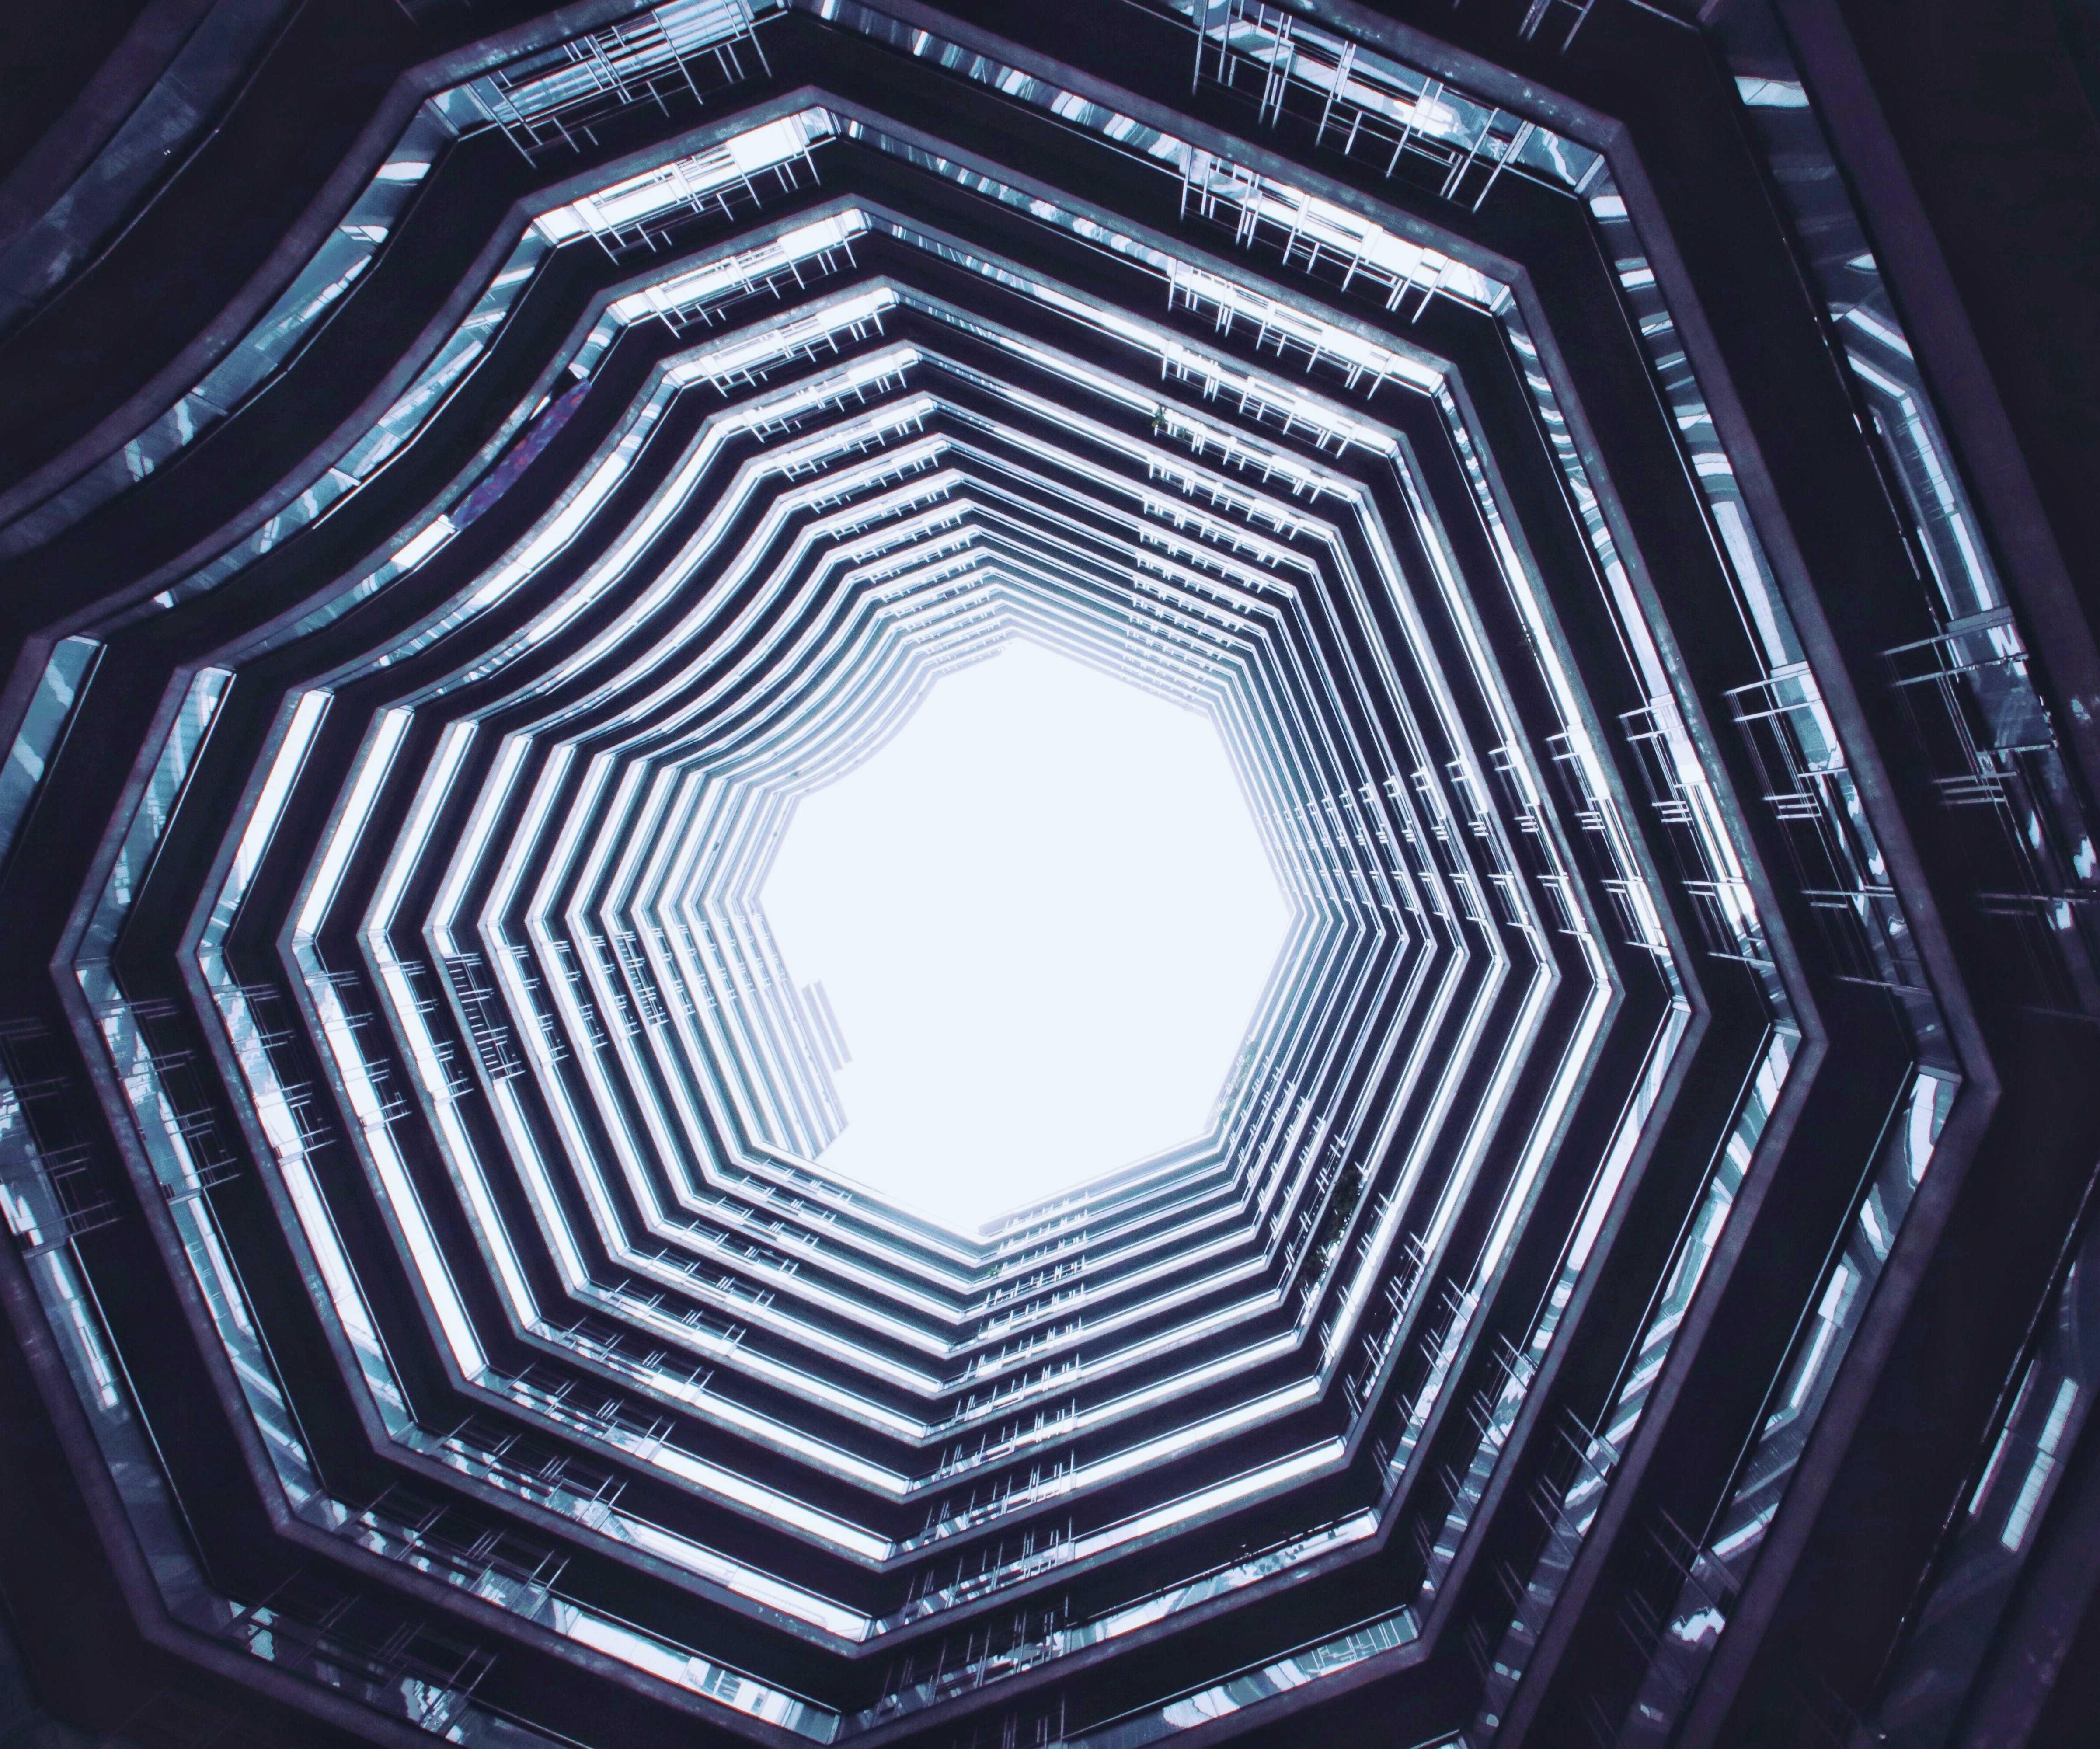 v__IWcOkV